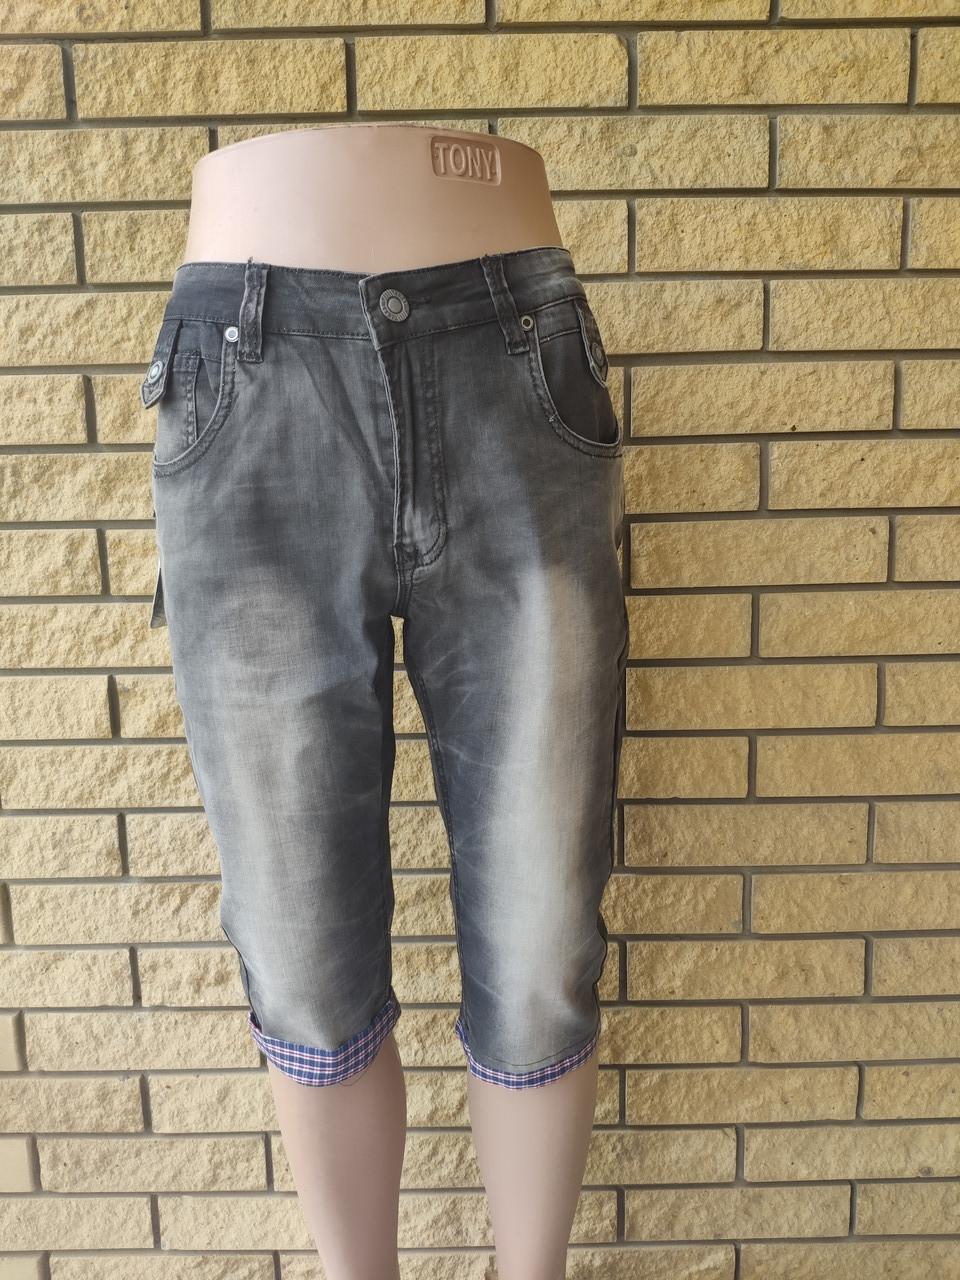 Бриджи мужские джинсовые стрейчевые LONGLI, Турция